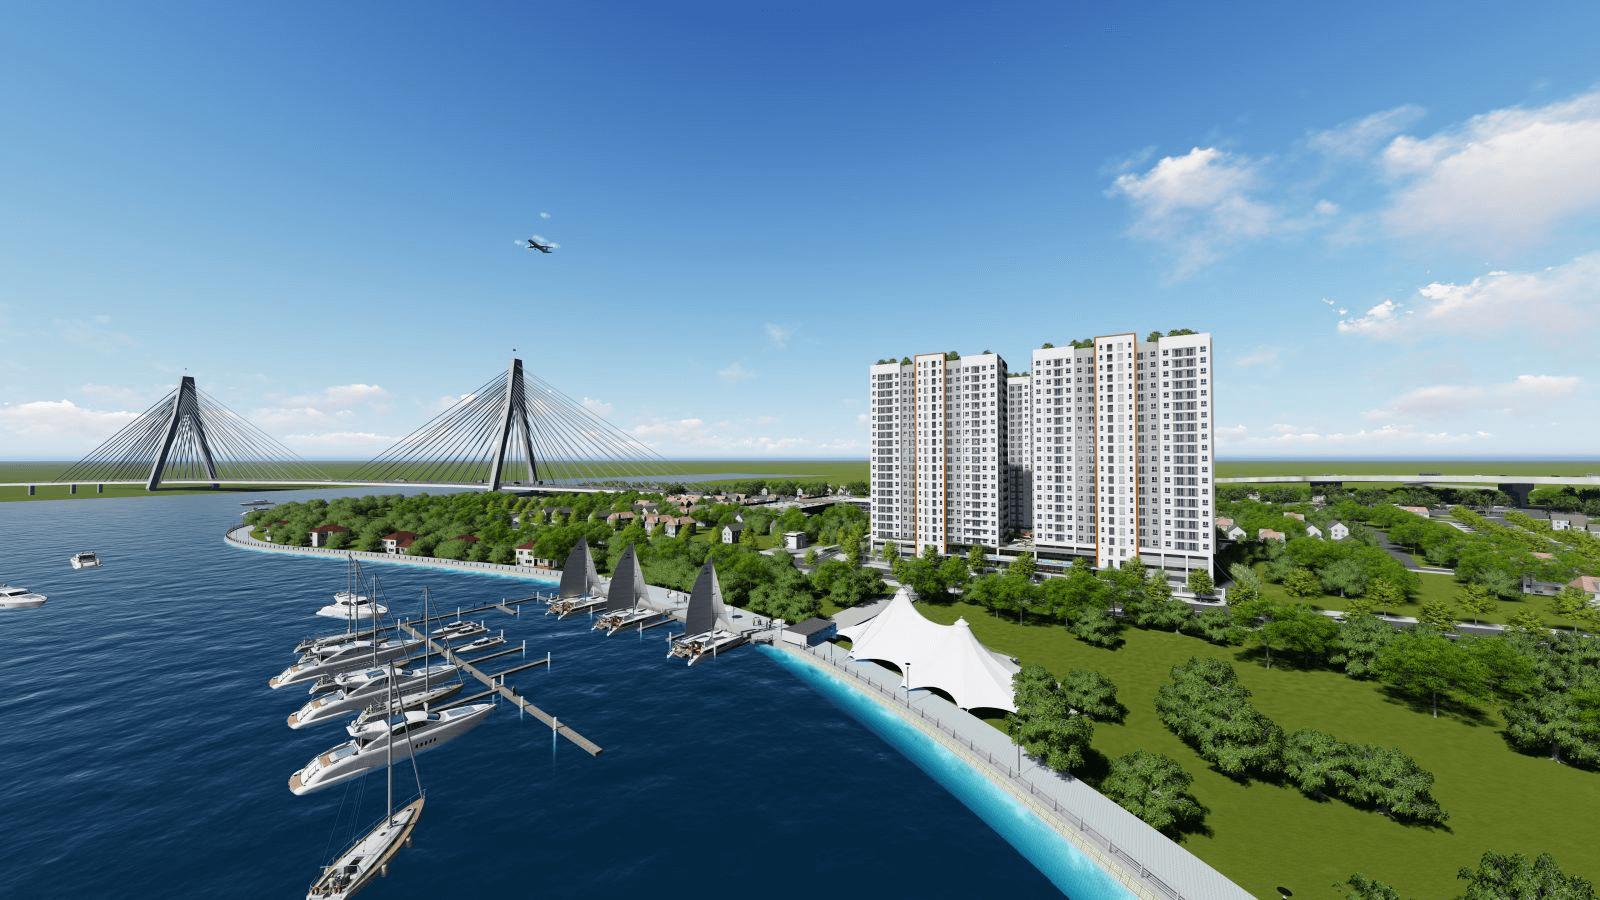 Phối cảnh 1 dự án nằm ven sông có nhiều tàu thuyền đậu trên sông